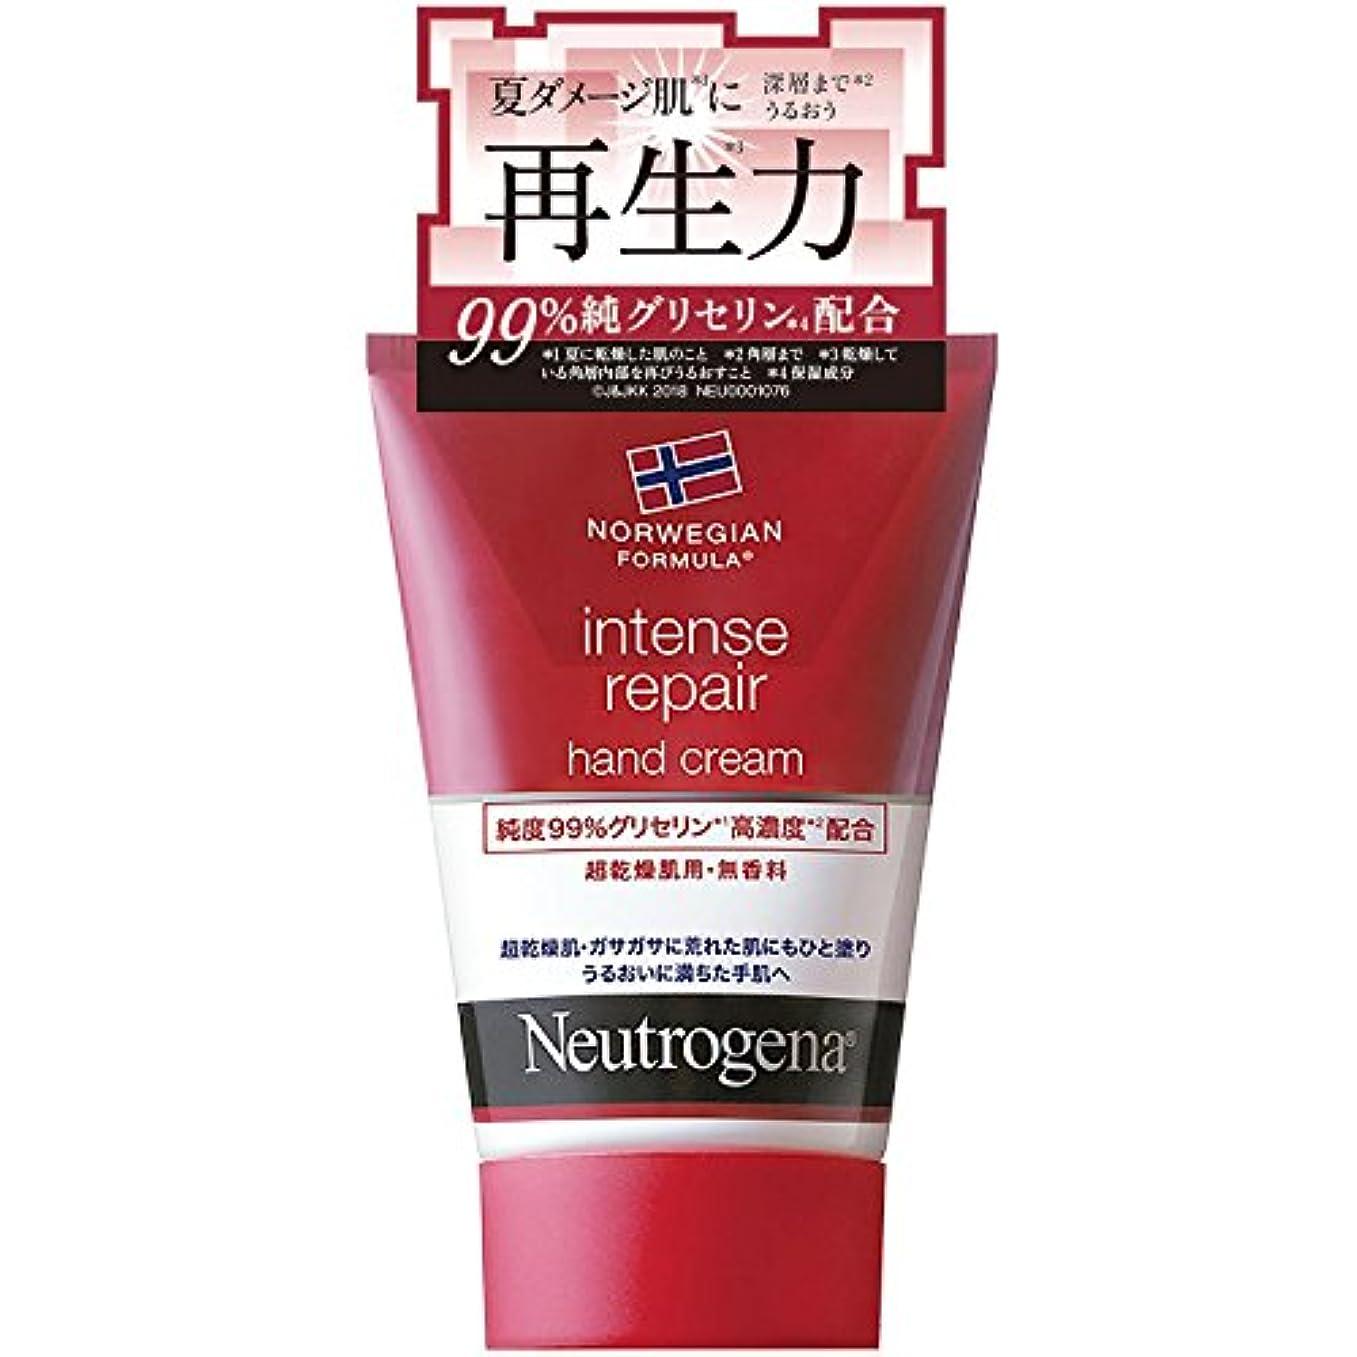 排出口径アンソロジーNeutrogena(ニュートロジーナ) ノルウェーフォーミュラ インテンスリペア ハンドクリーム 超乾燥肌用 無香料 単品 50g